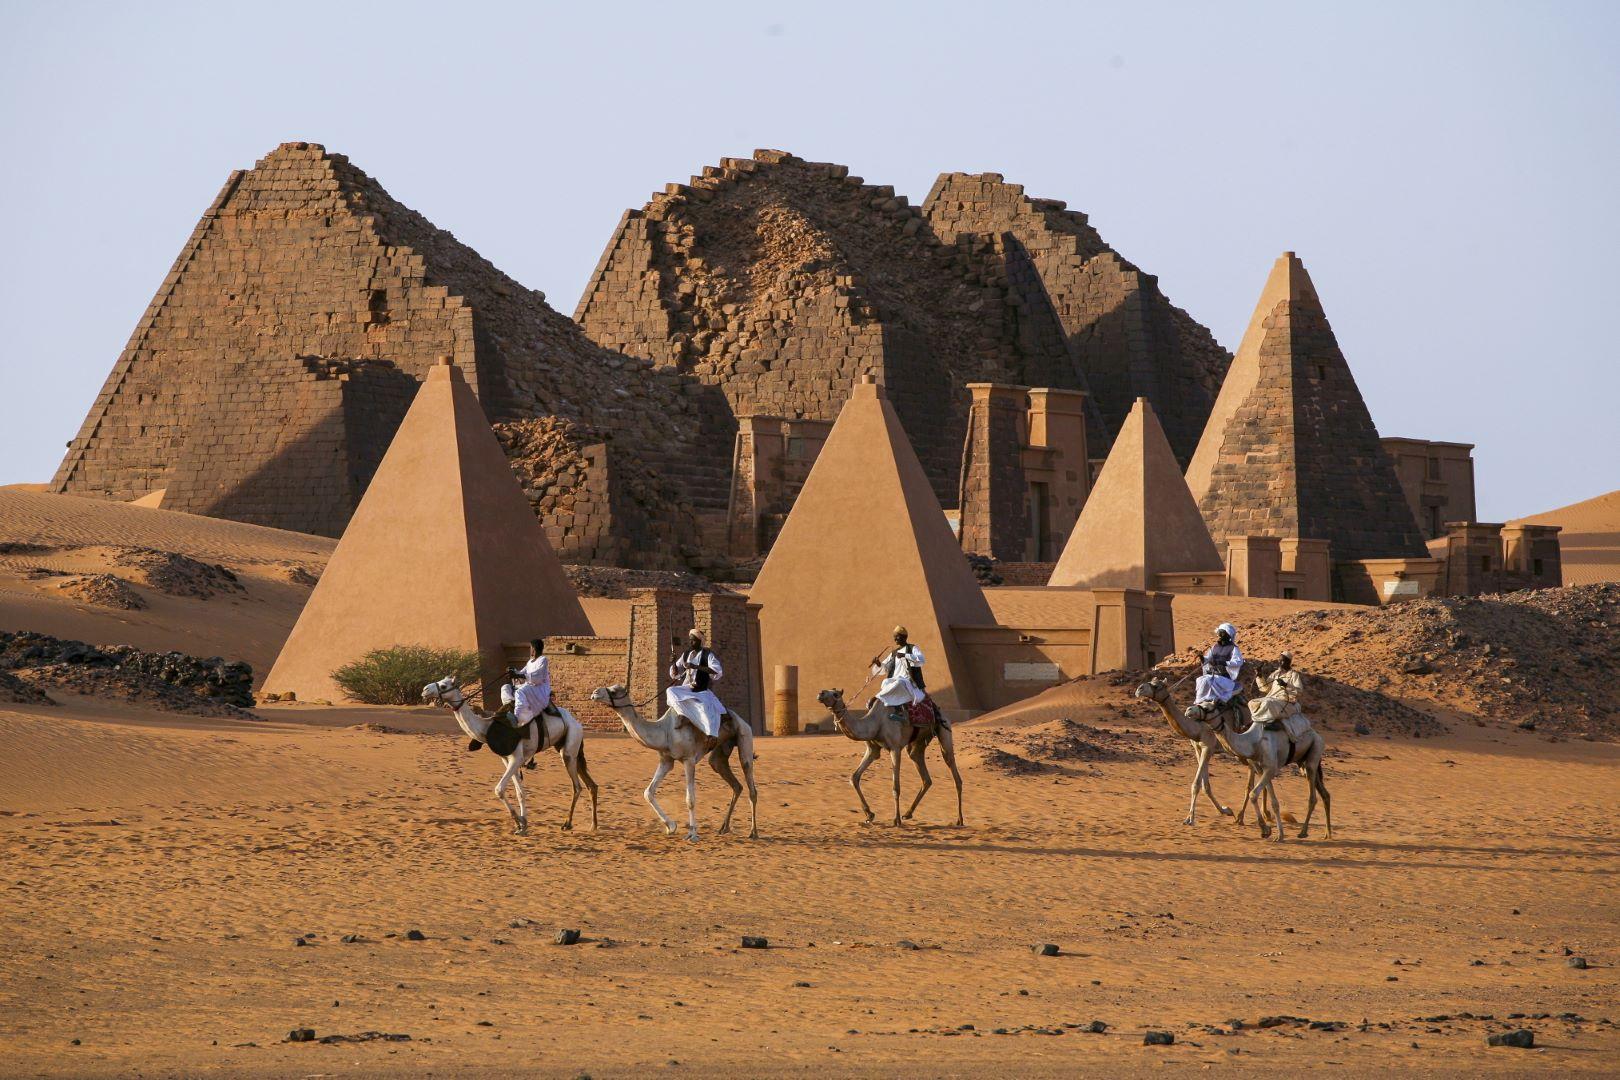 является судан пирамиды фото этом году отдыхающие